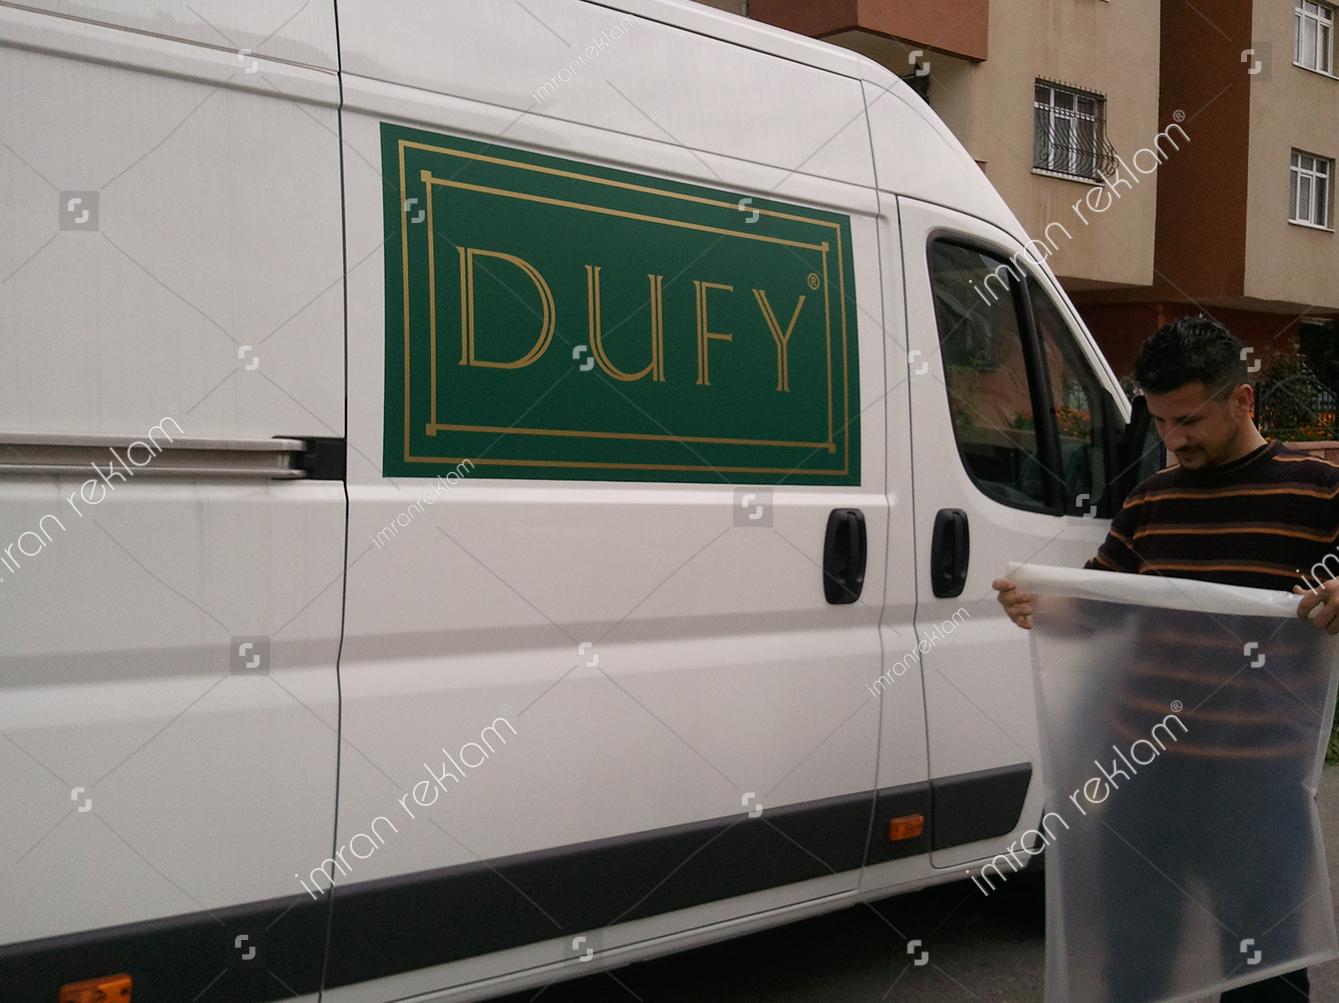 arac-giydirme-duffy-arac-giydirme-imran-reklam